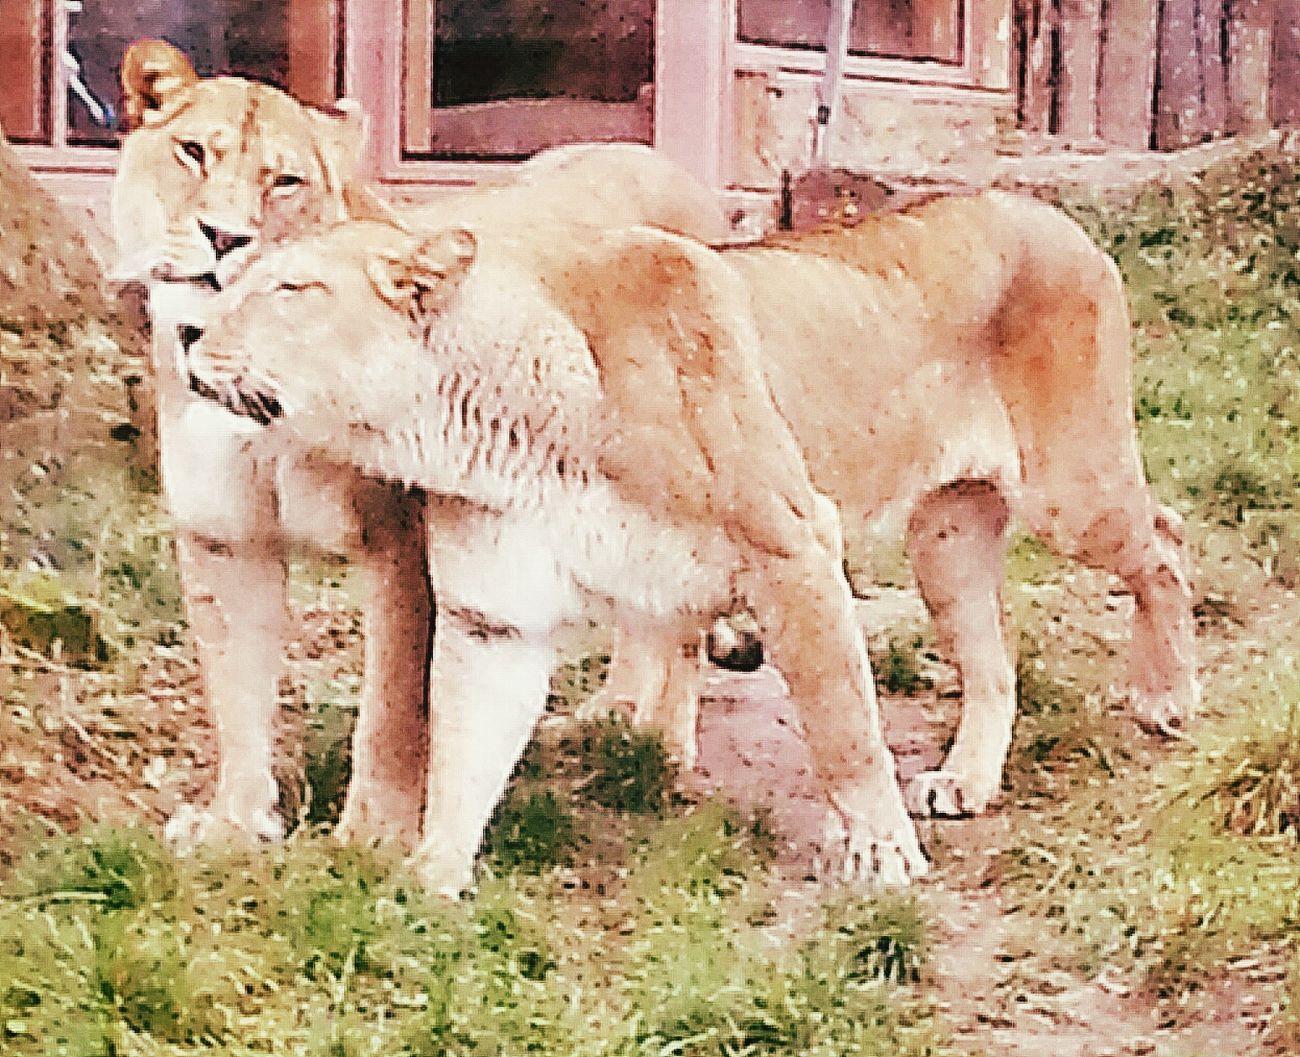 Kuschelzeit Animals Lion